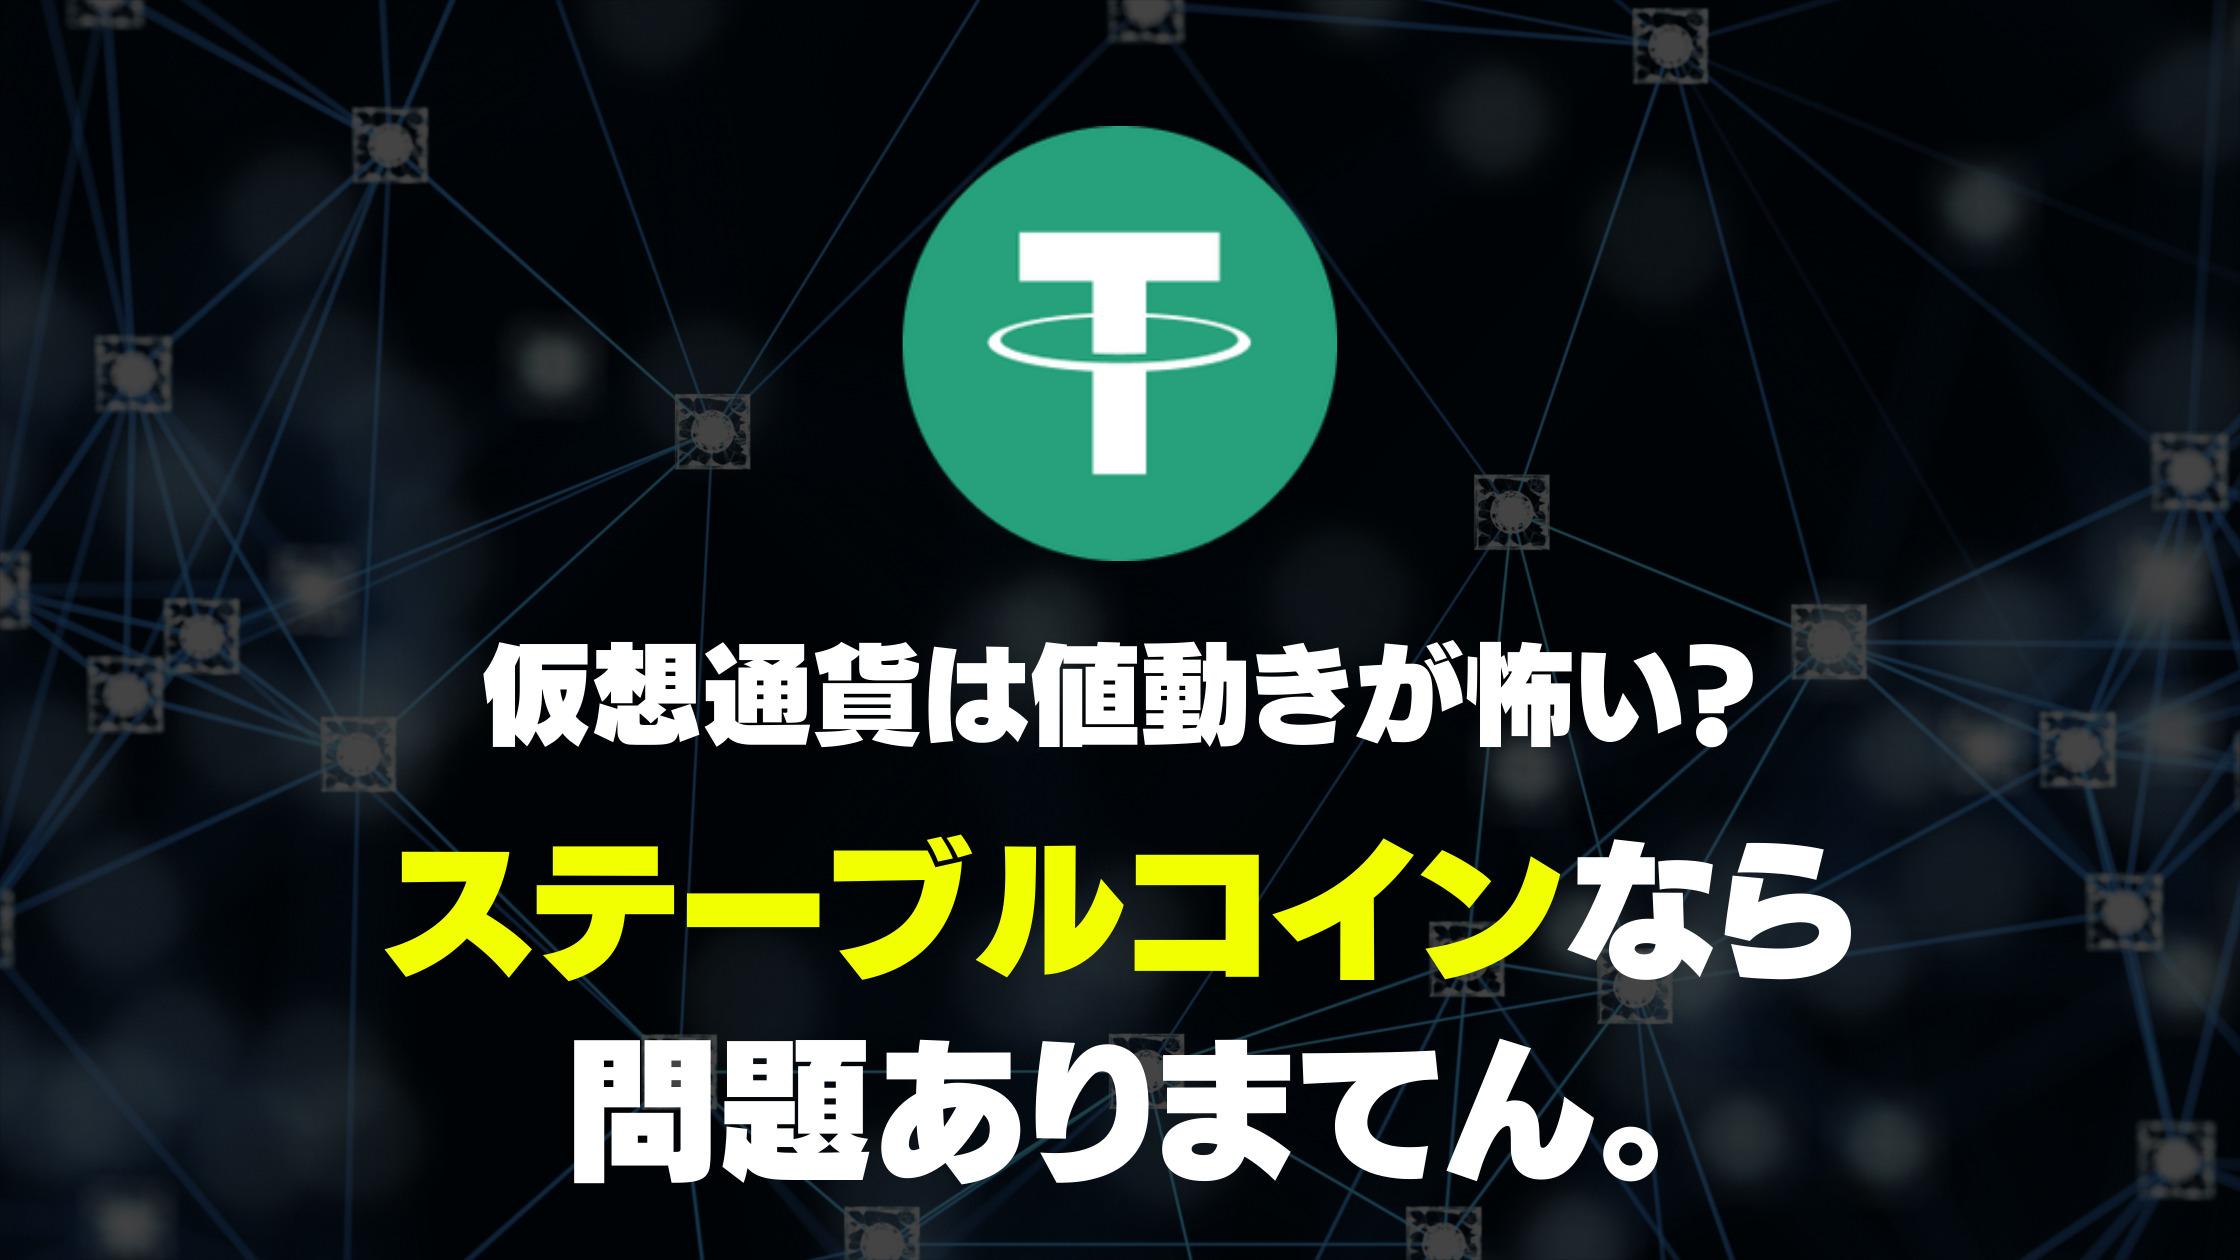 【仮想通貨カジノ】ビットコインの値動きが怖い?ステーブルコインを使えば怖くない!